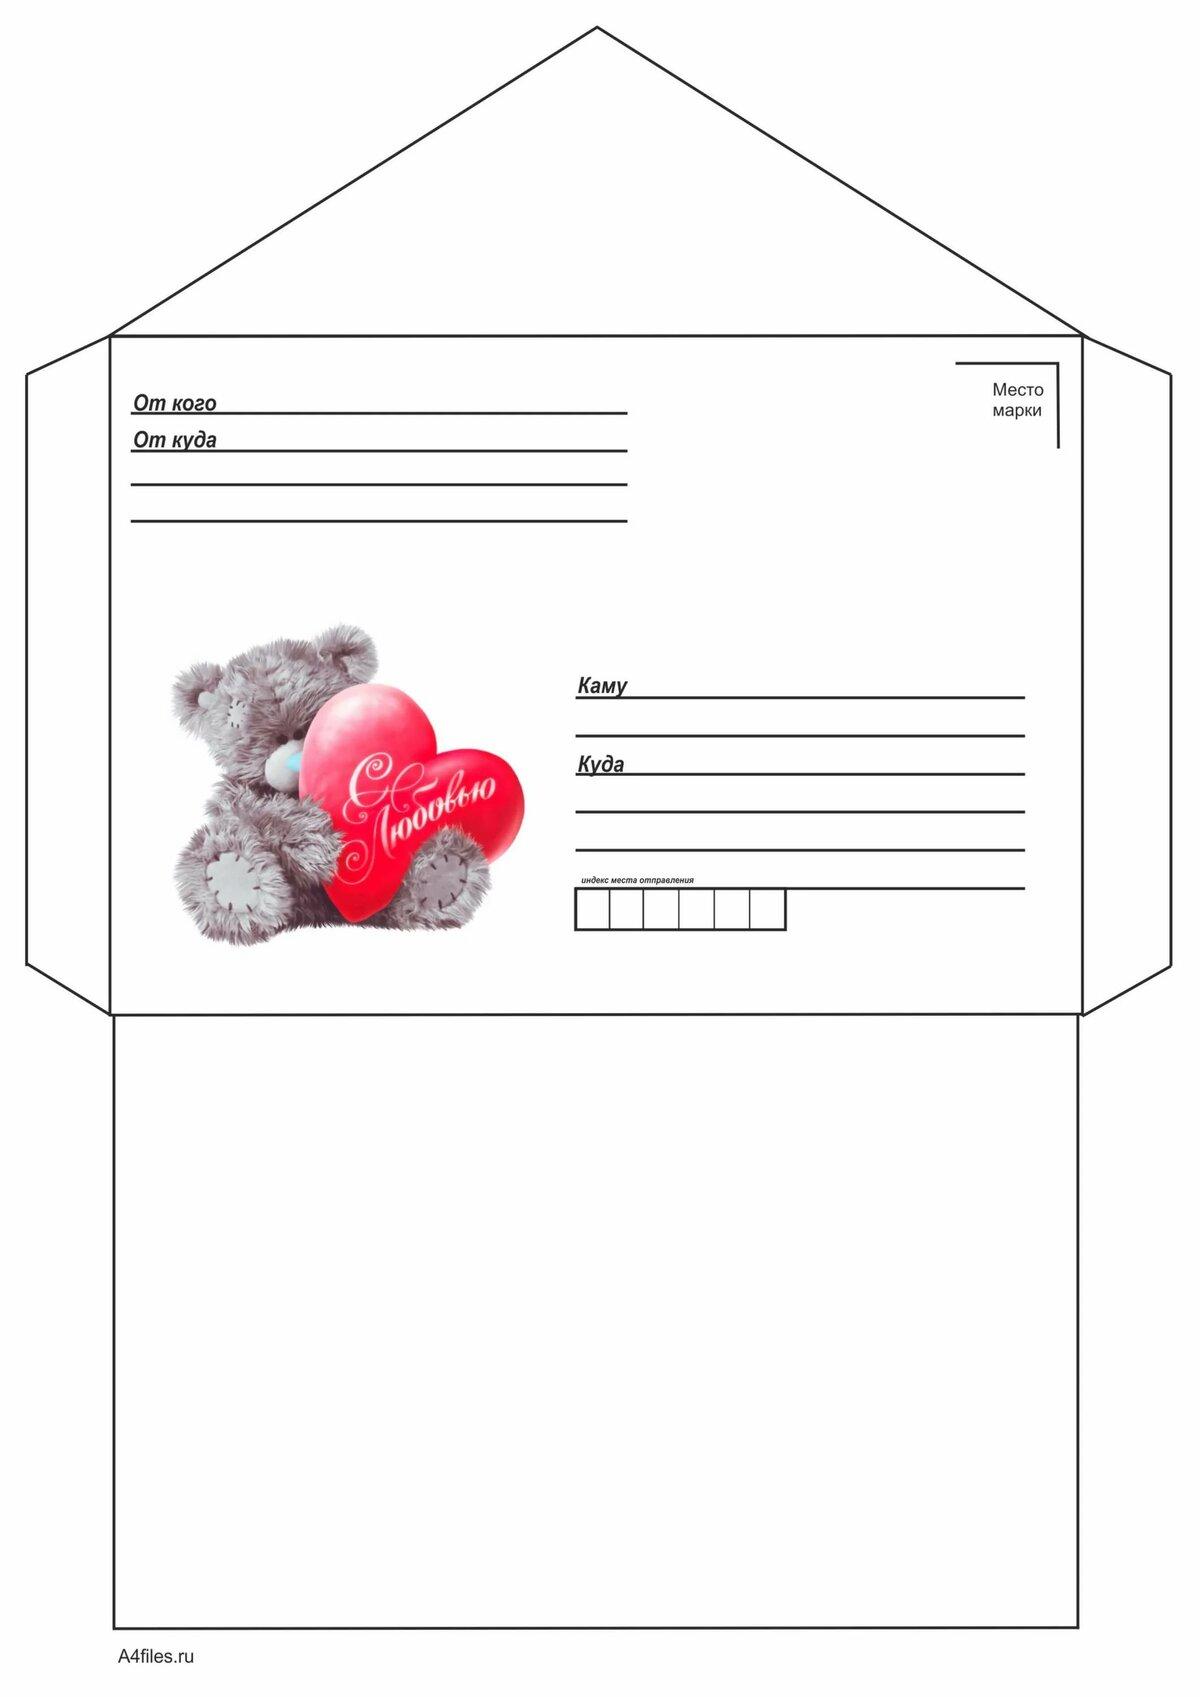 Картинках, пример открытки конверта